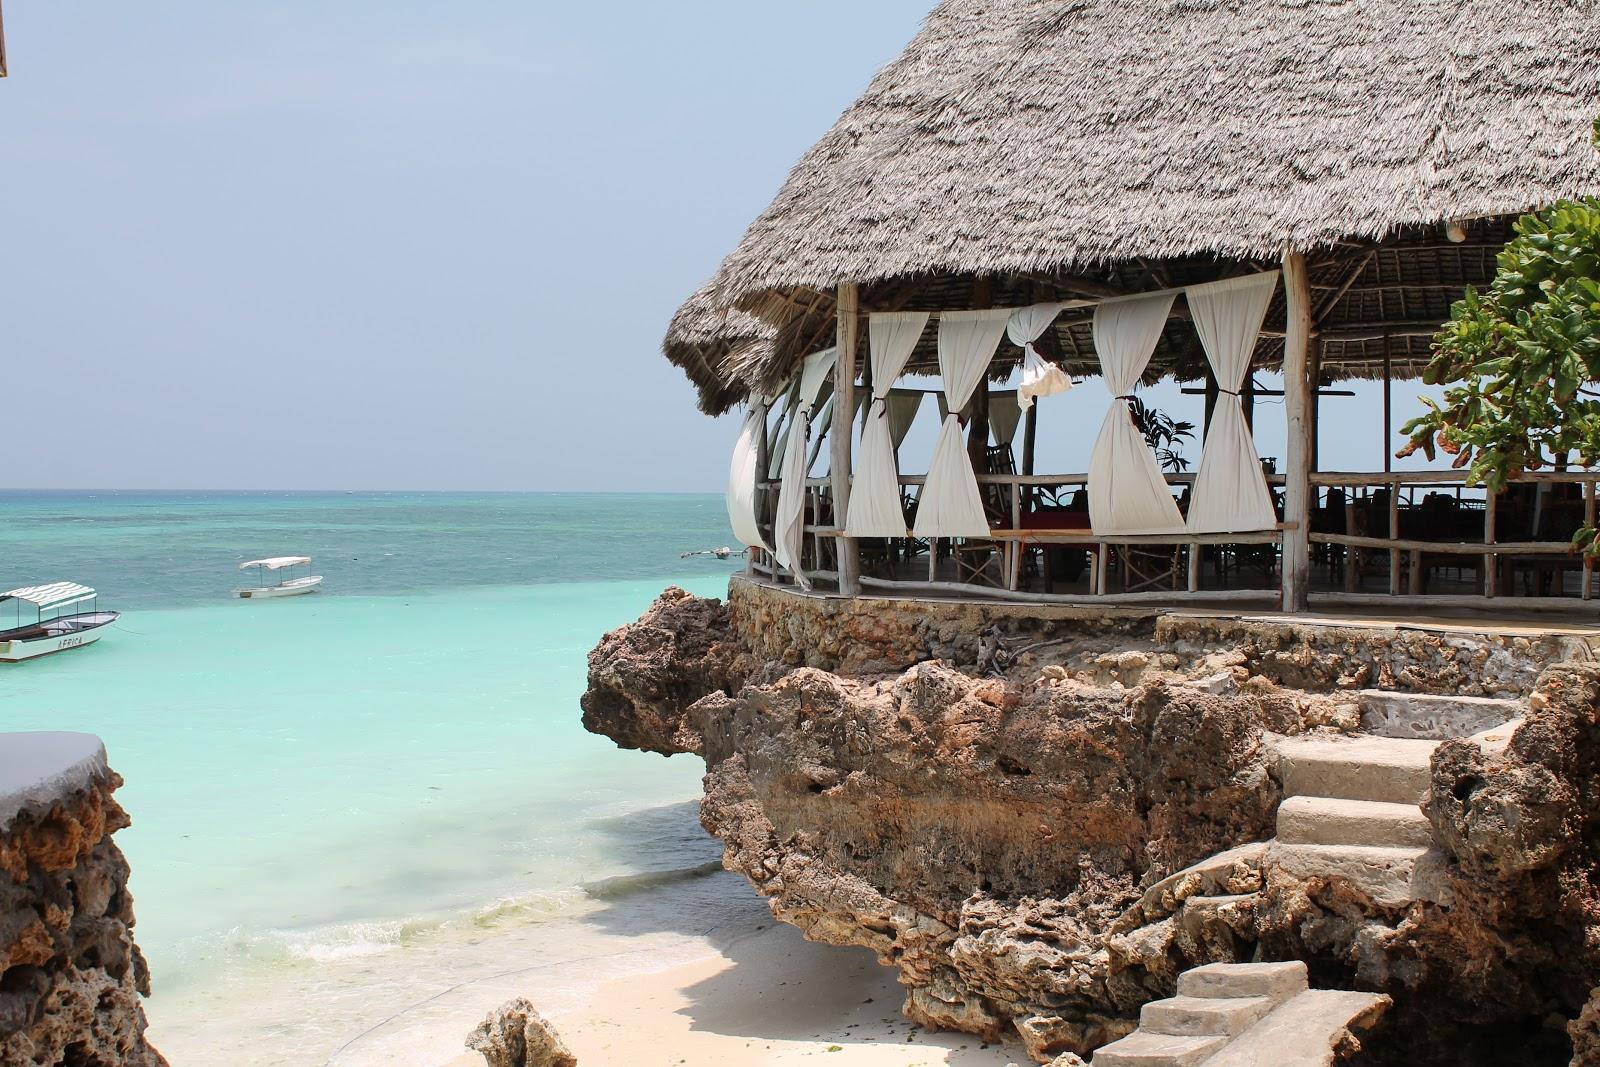 Reštaurácia na pláži Nungwi, Zanzibar